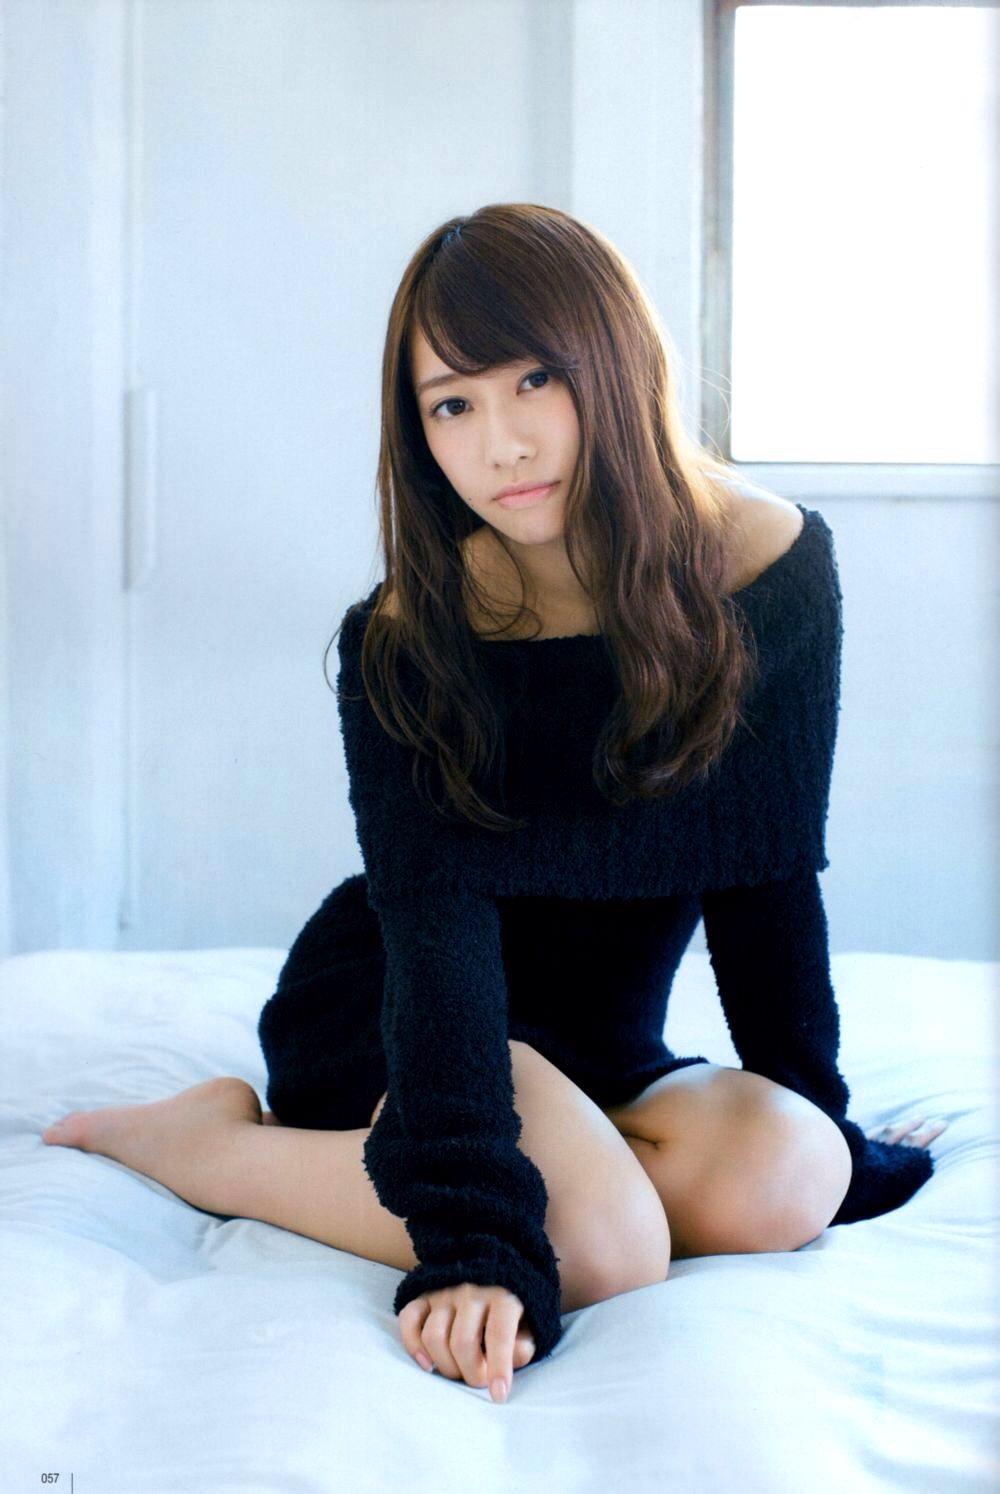 桜井玲香1st写真集かわいい画像4乃木坂46キャプテン20170203